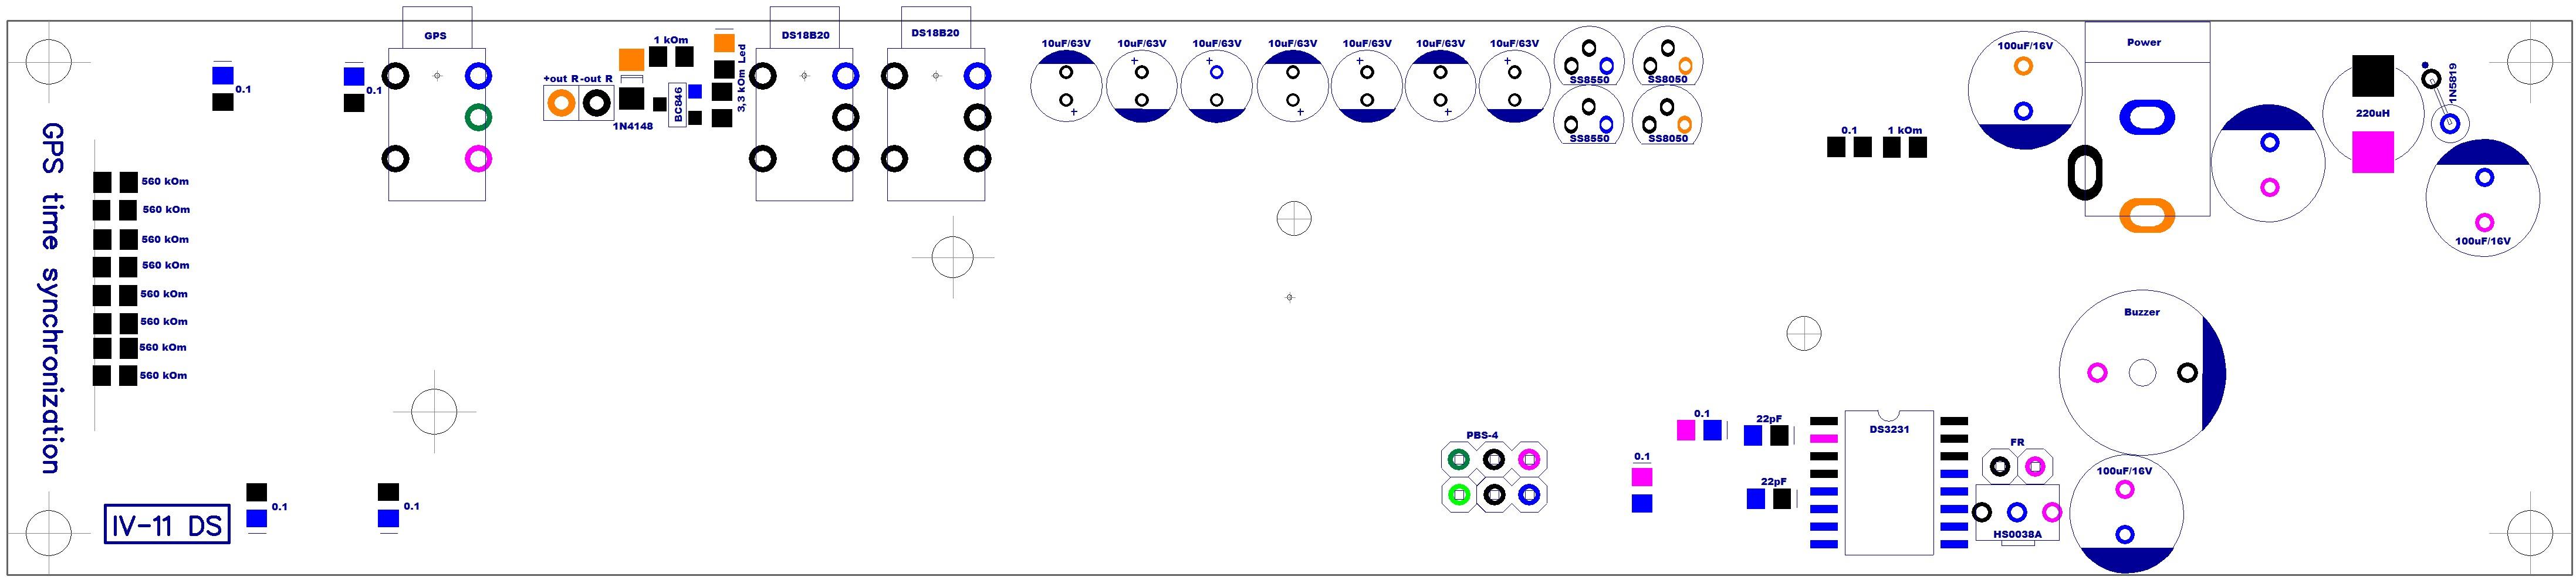 Монтажная схема низ-значения.jpg